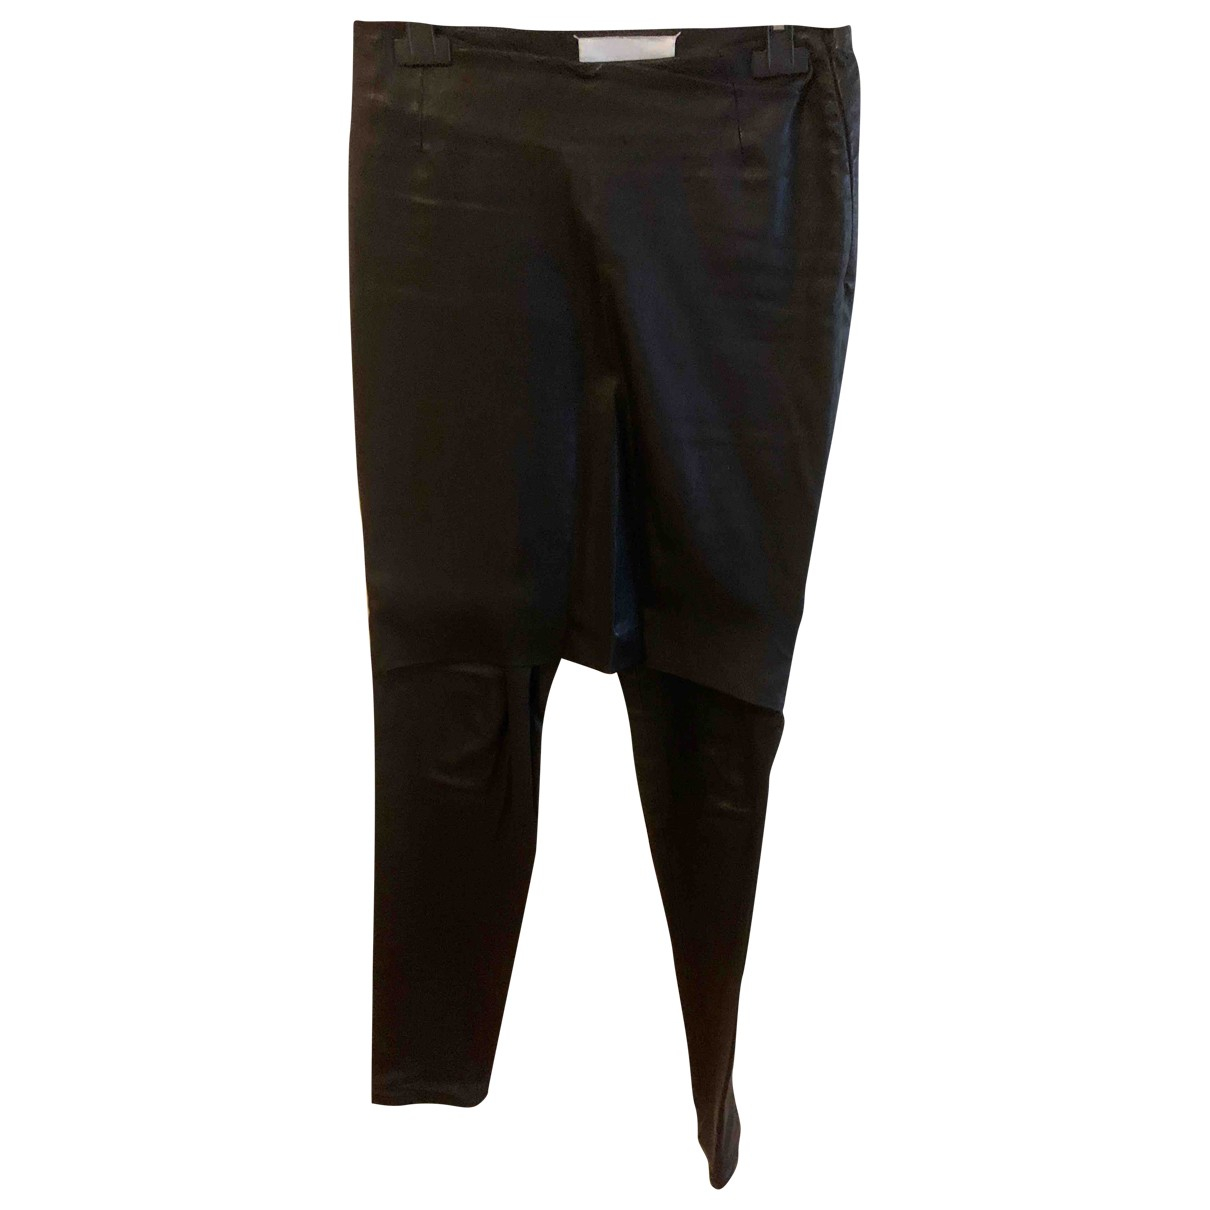 Pantalon recto de Cuero Maison Martin Margiela